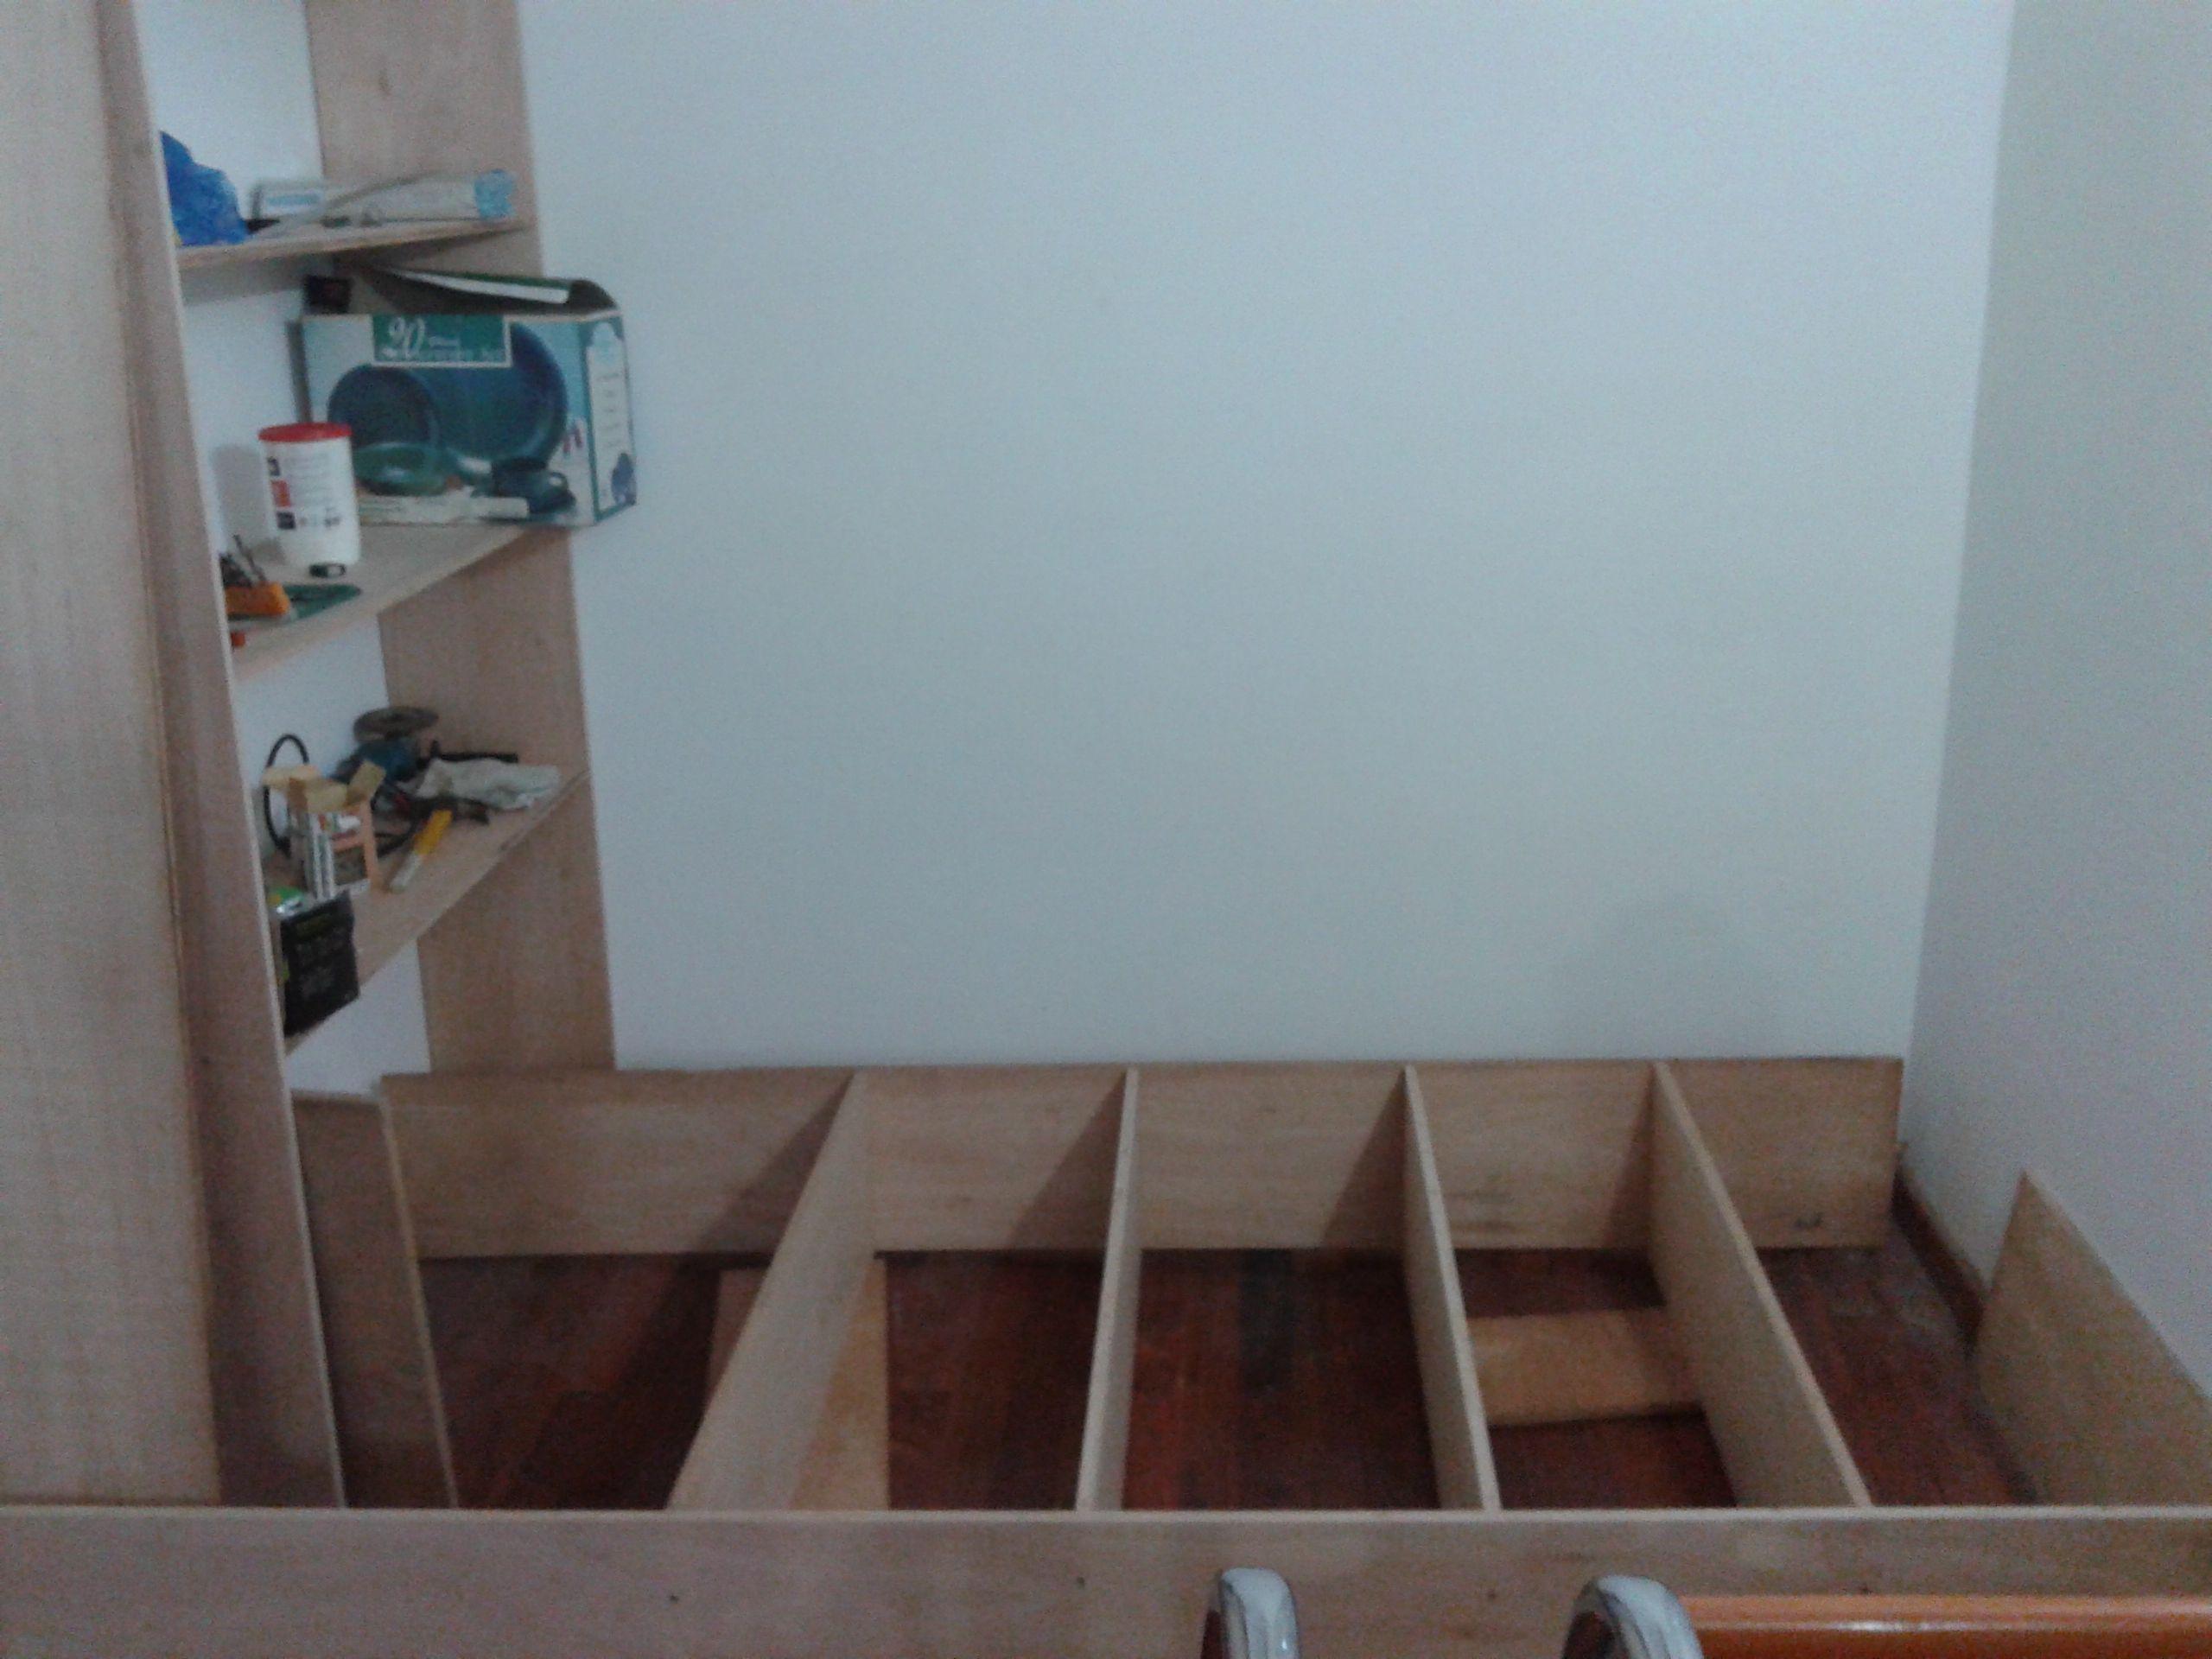 El segundo estante es también de madera contrachapada y se ubica como un gemelo enfrente al primero.